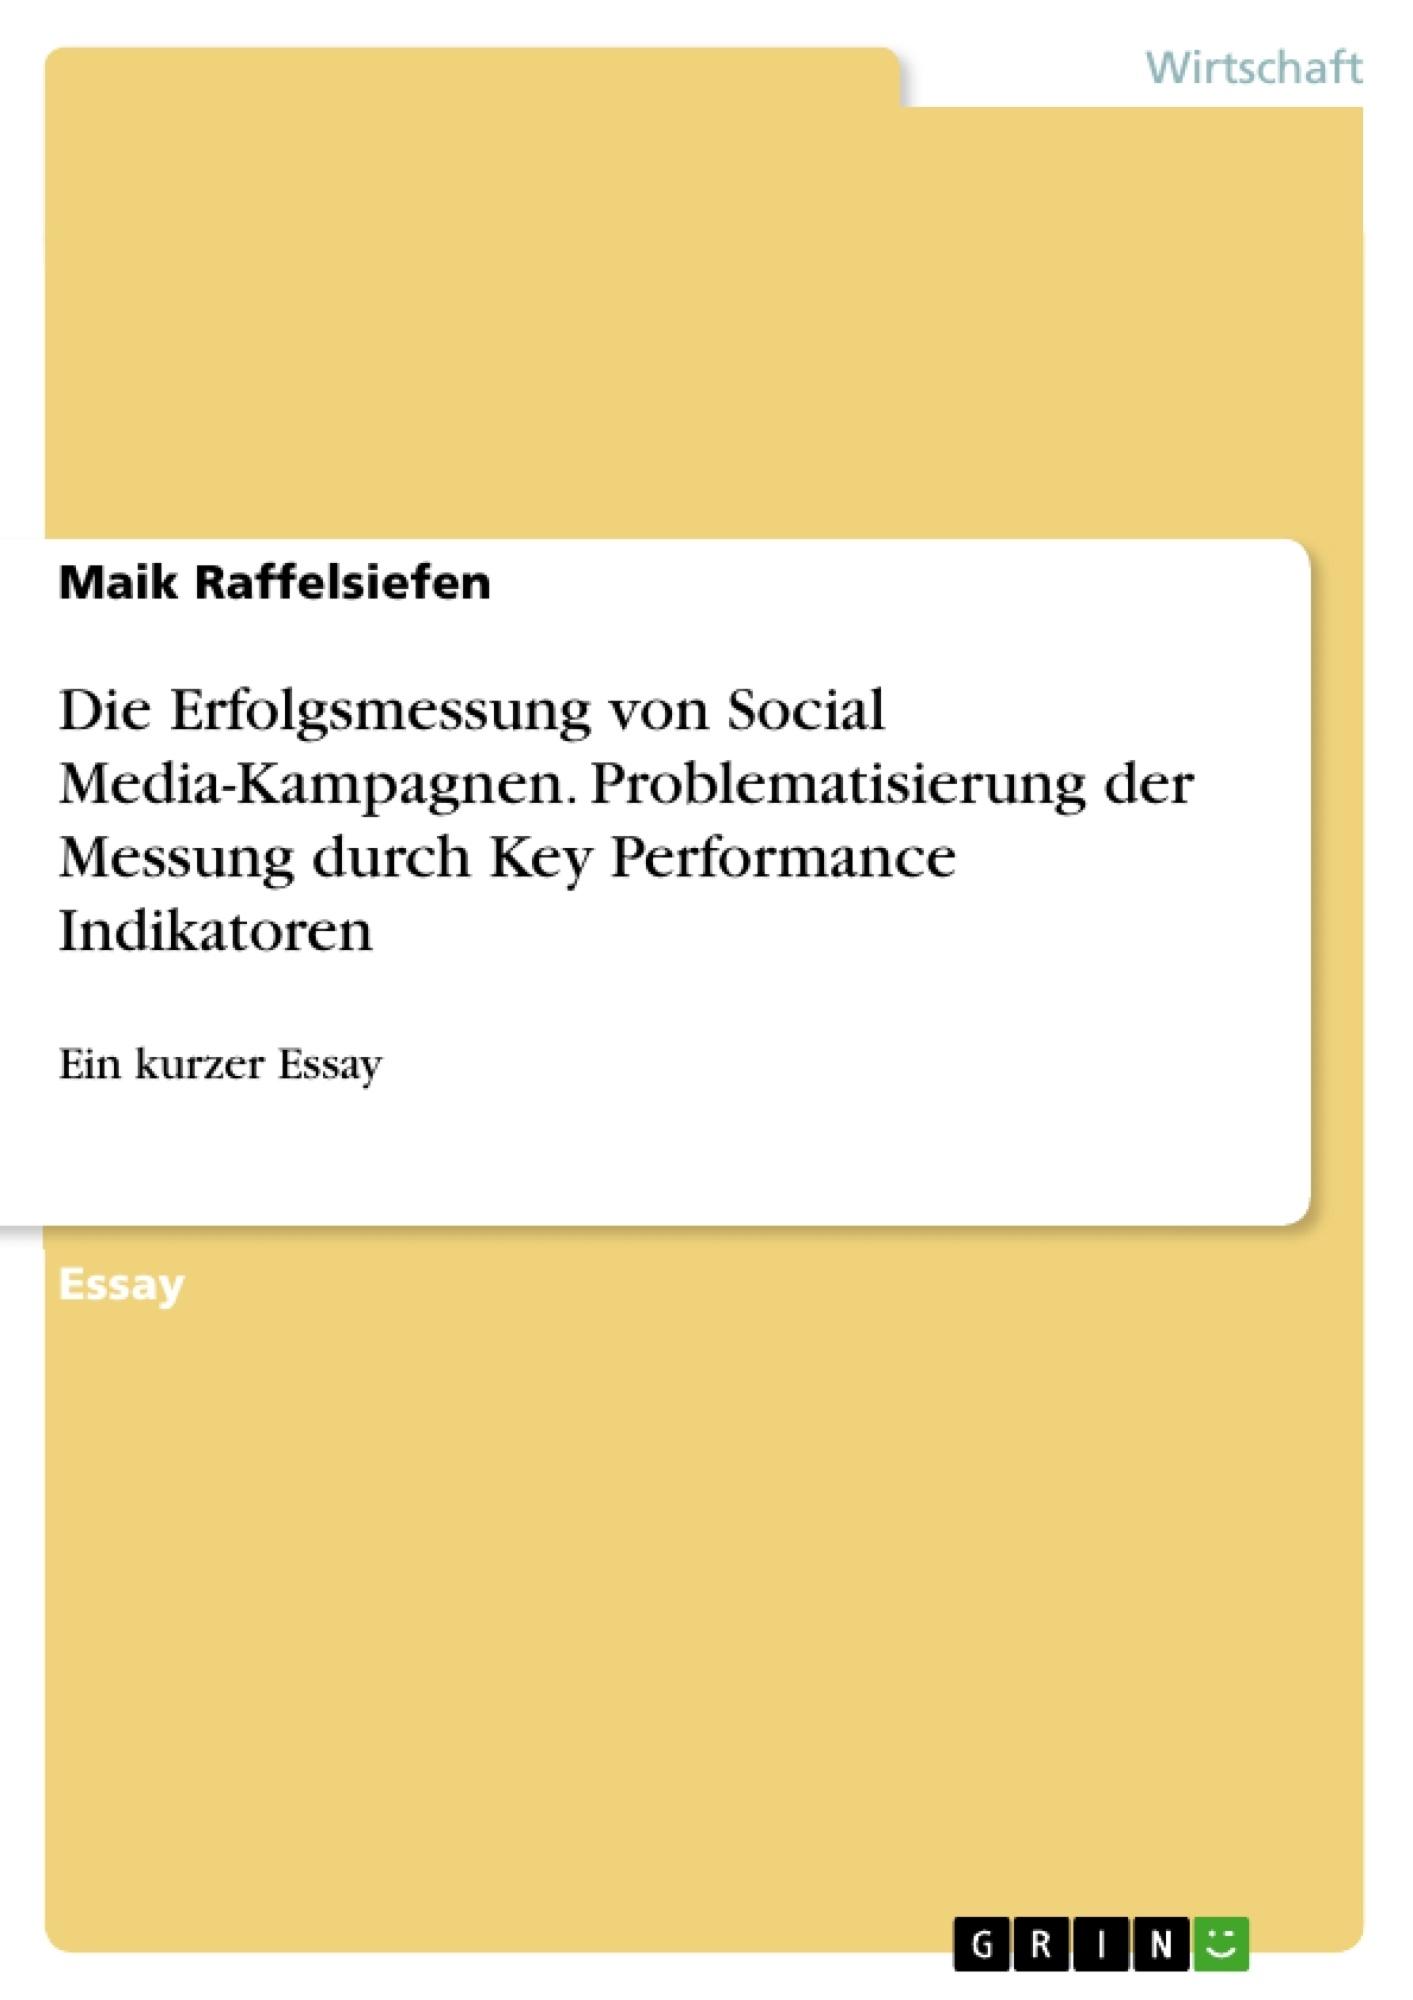 Titel: Die Erfolgsmessung von Social Media-Kampagnen. Problematisierung der Messung durch Key Performance Indikatoren